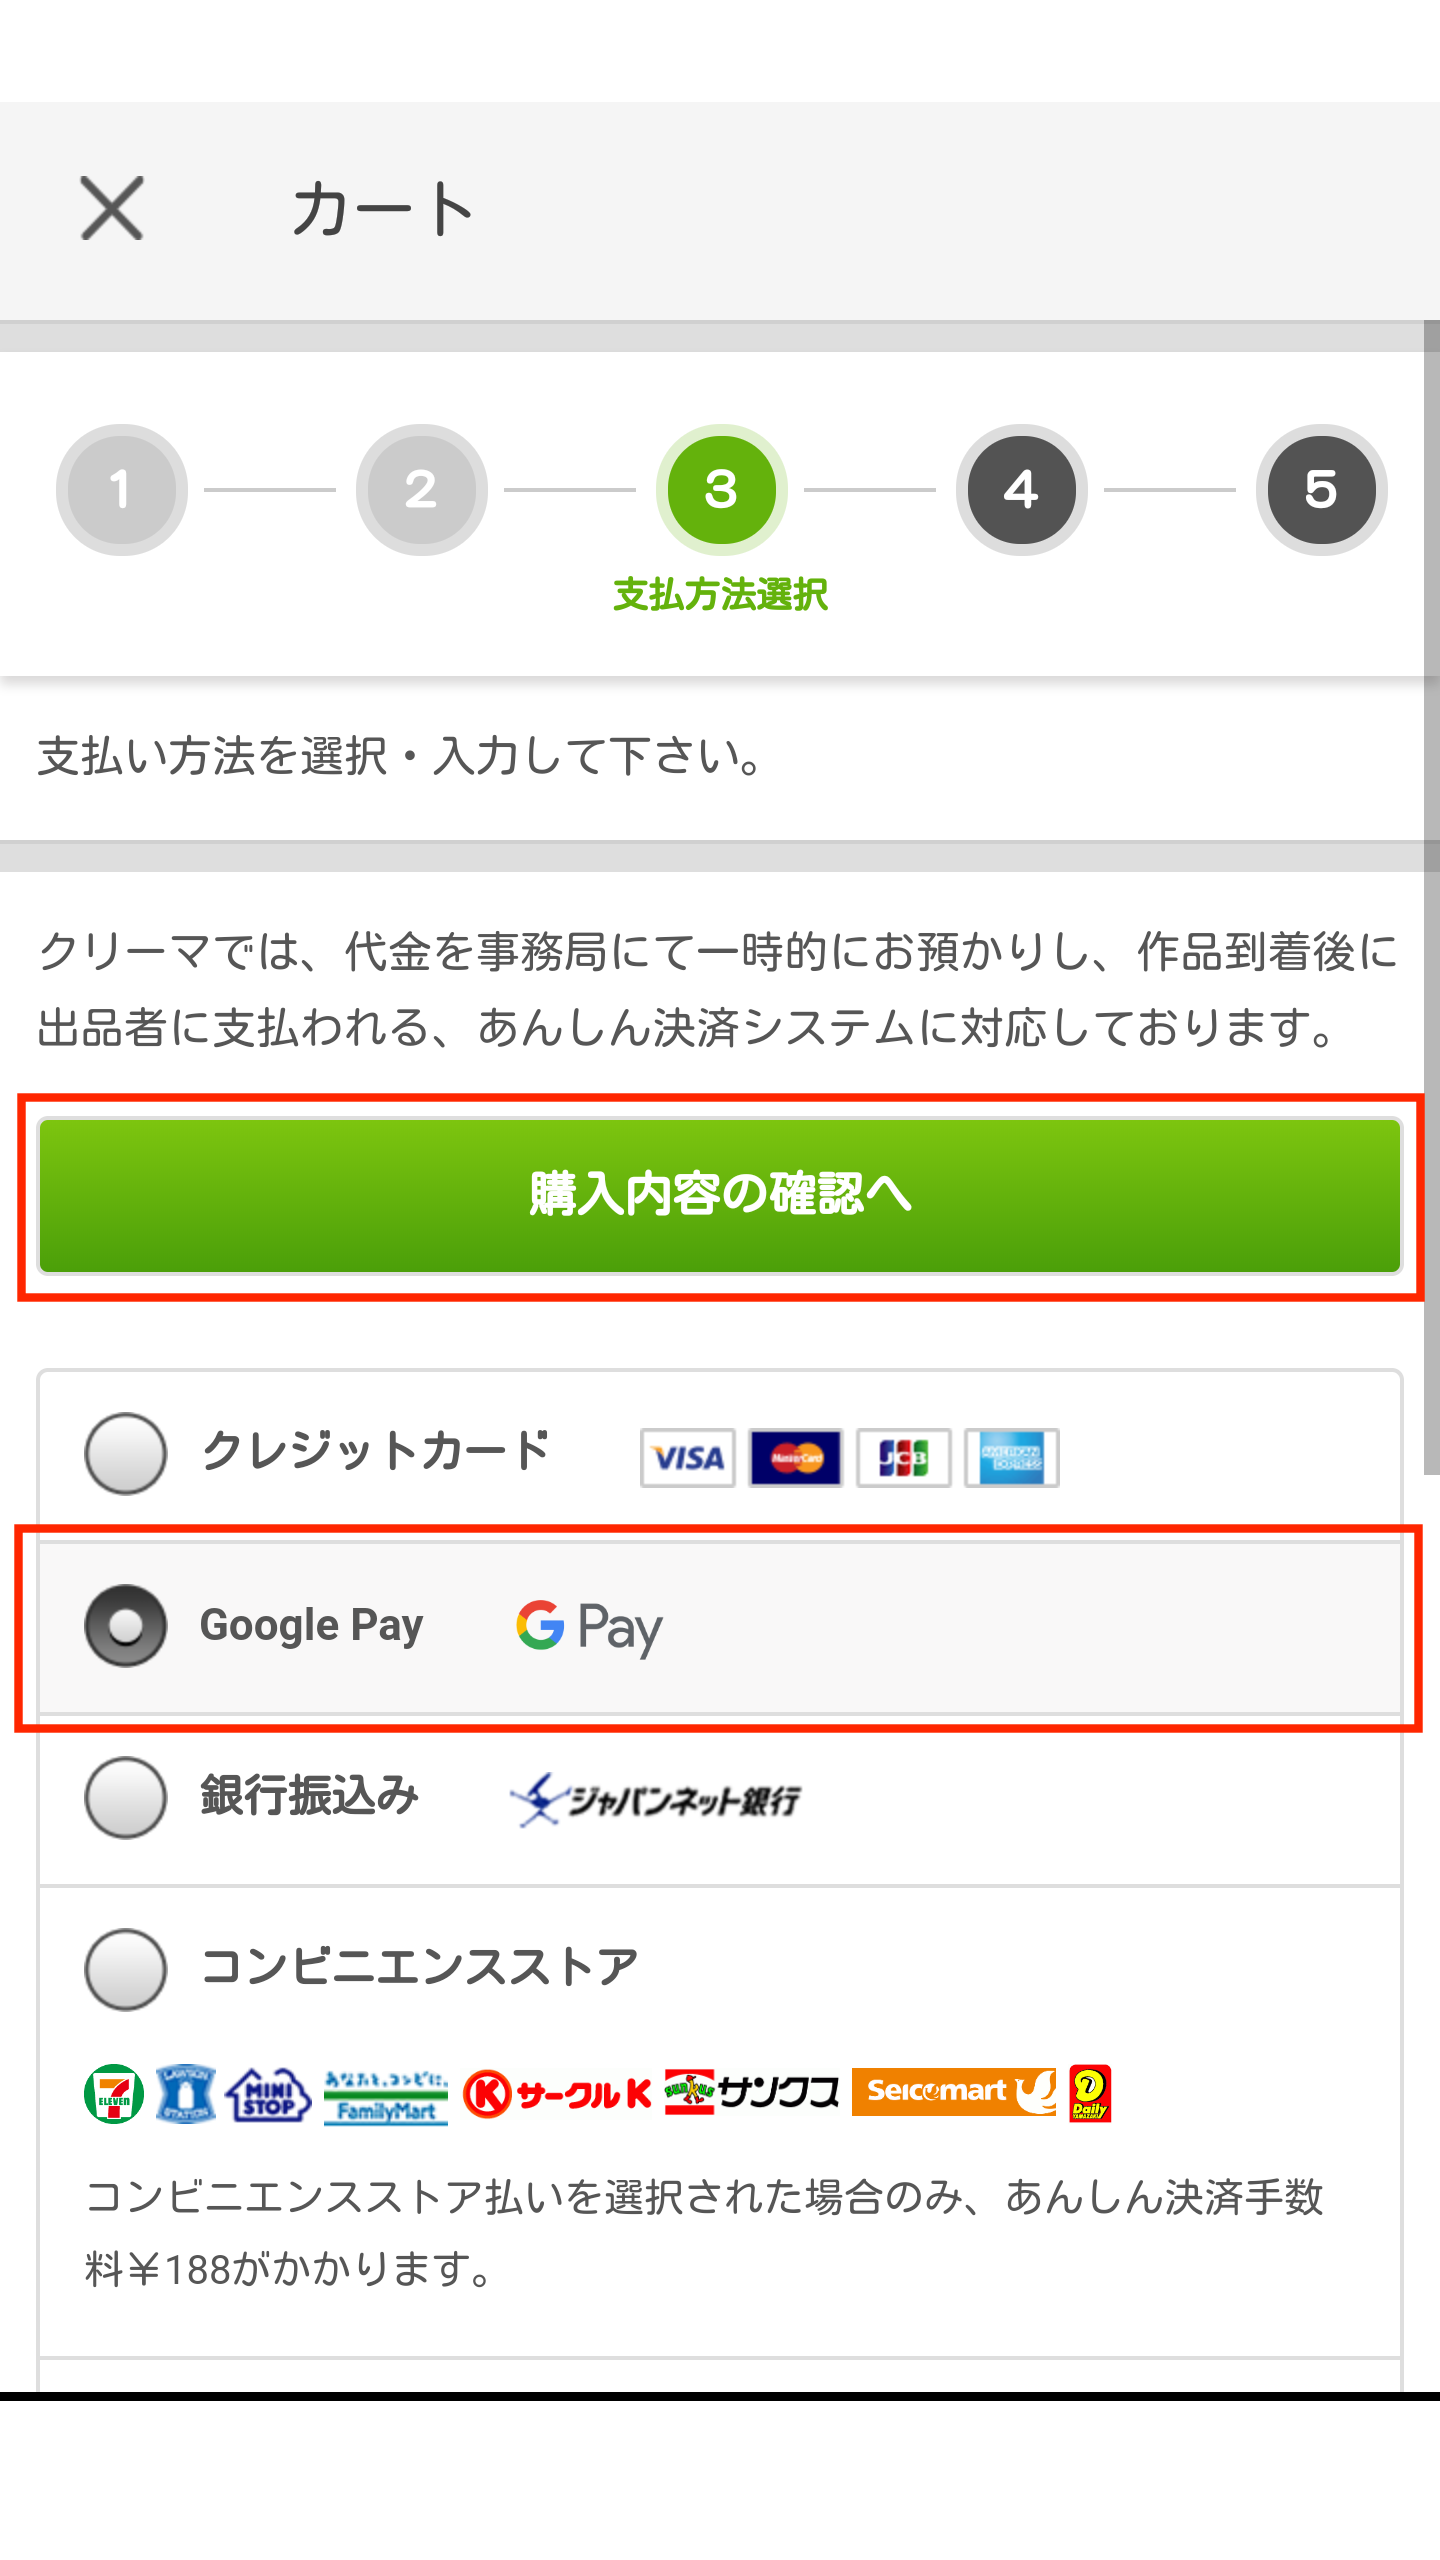 Google Pay お支払い方法選択